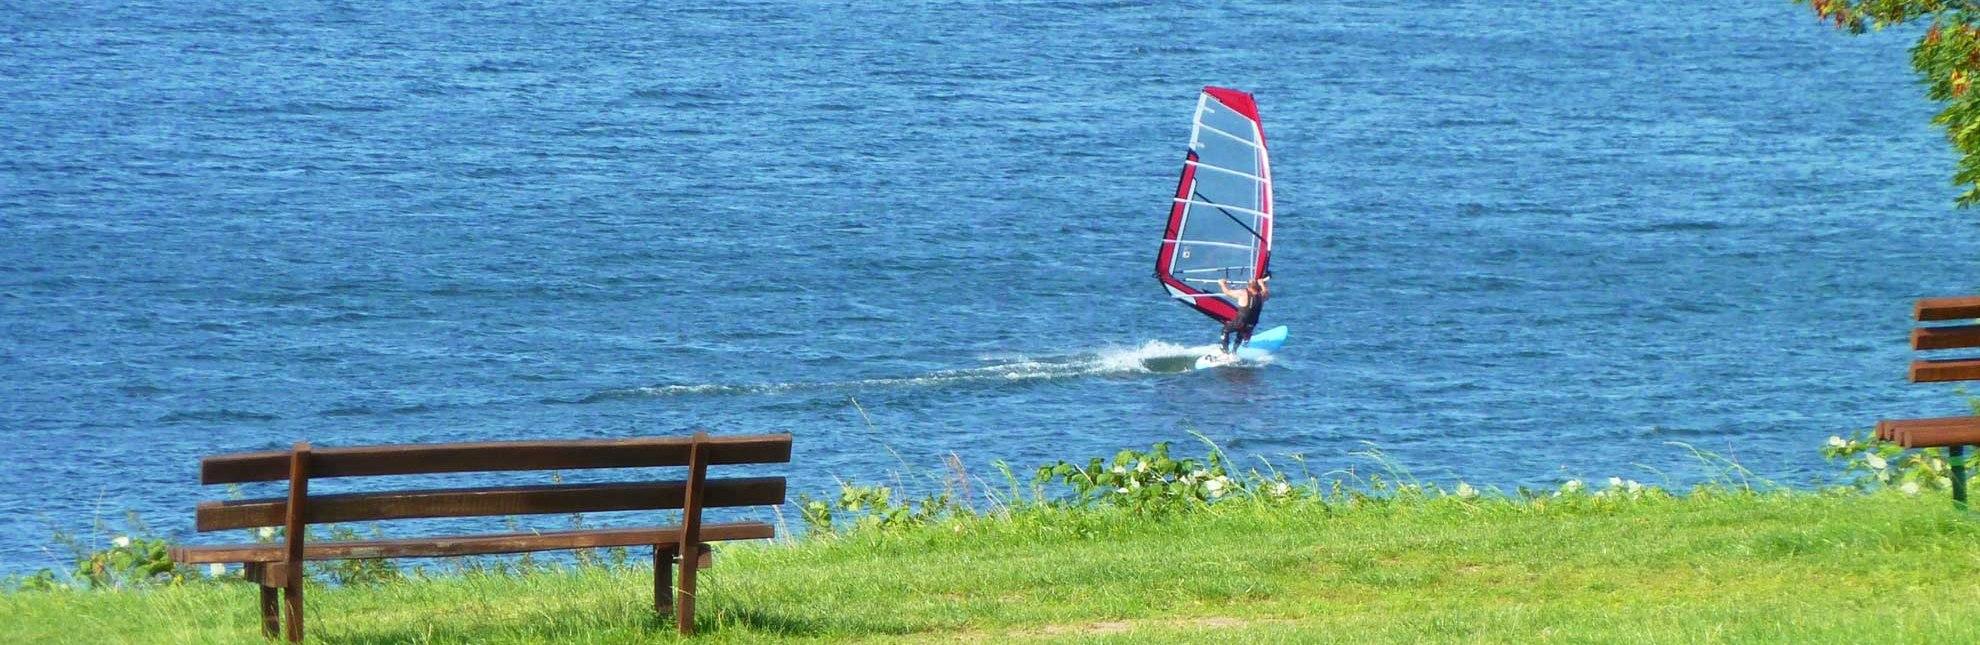 Ausblick auf den Ratzeburger See mit Surfer, © Thomas Ebelt/ HLMS